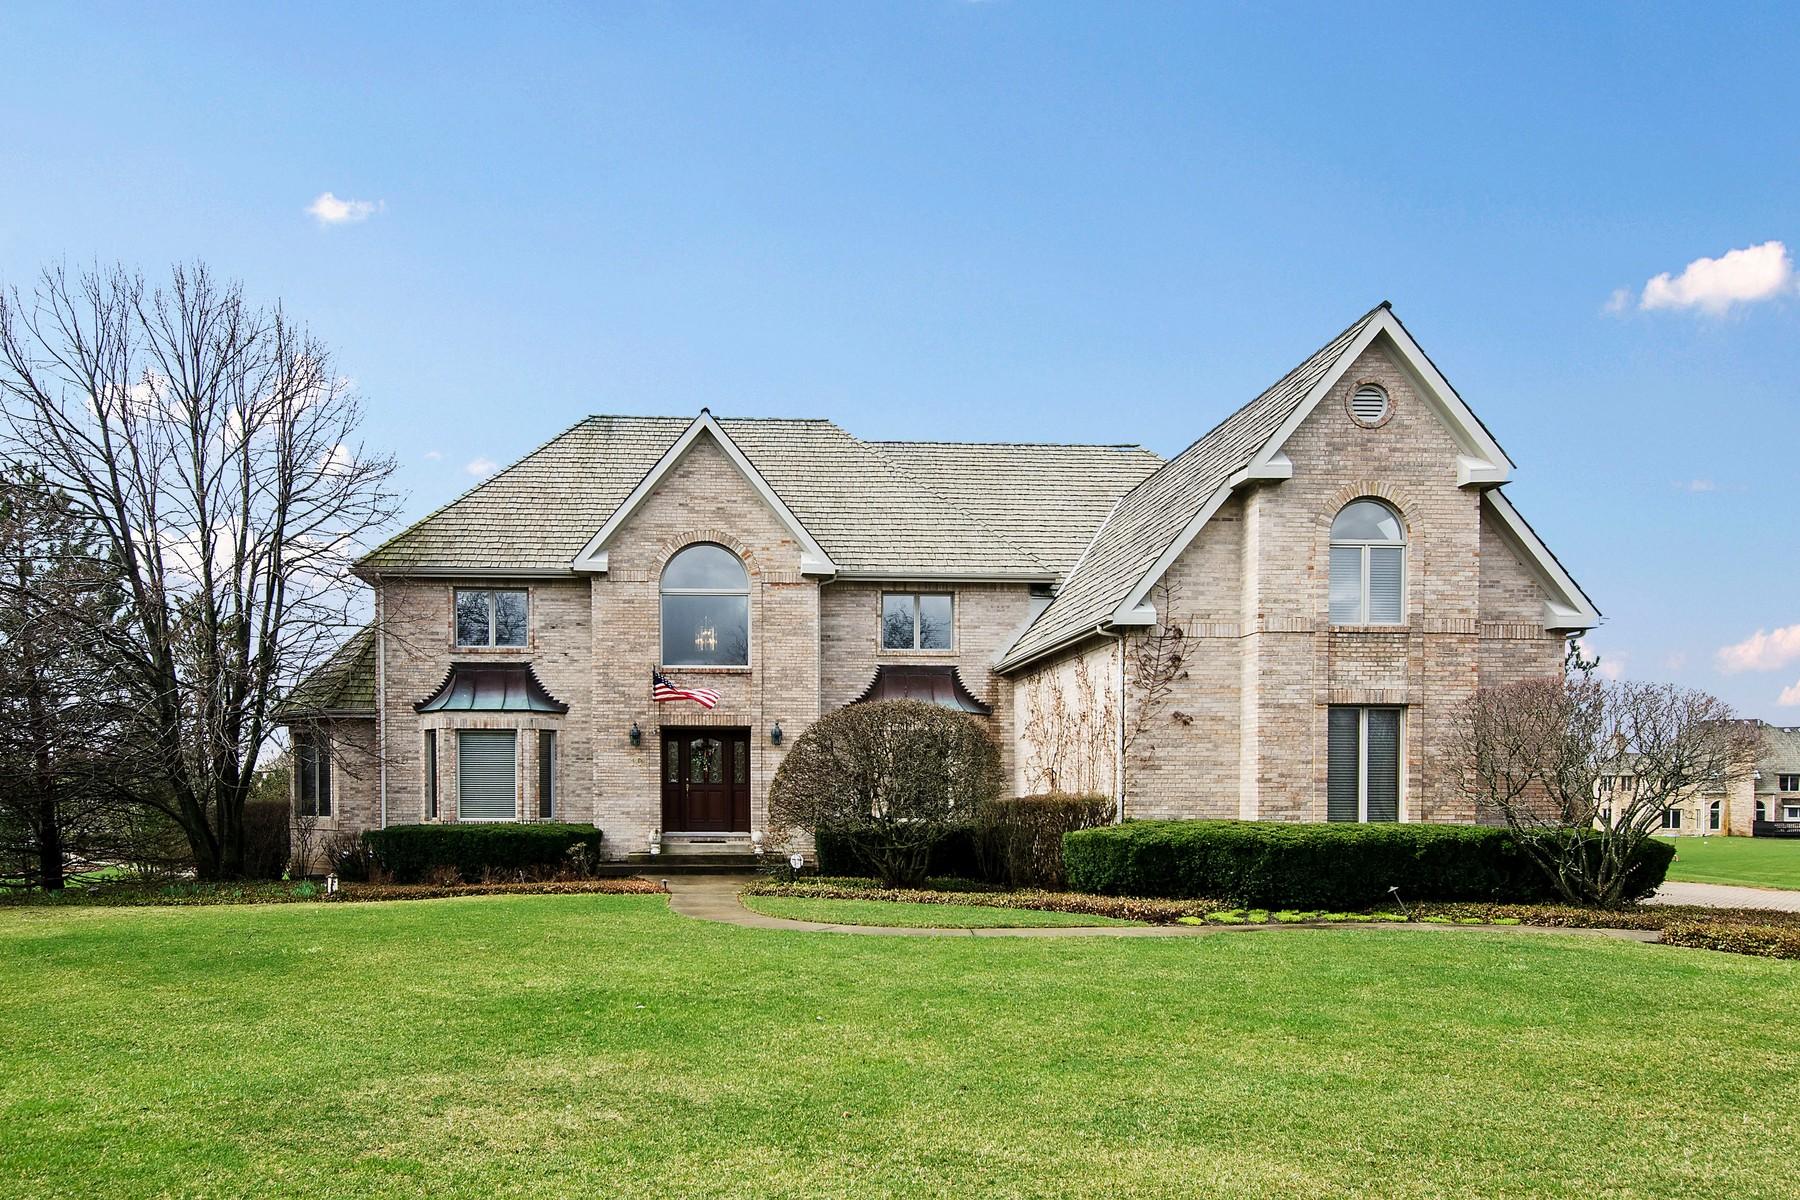 獨棟家庭住宅 為 出售 在 Beautiful Two Story Home 10 Pembury Way South Barrington, 伊利諾斯州, 60010 美國